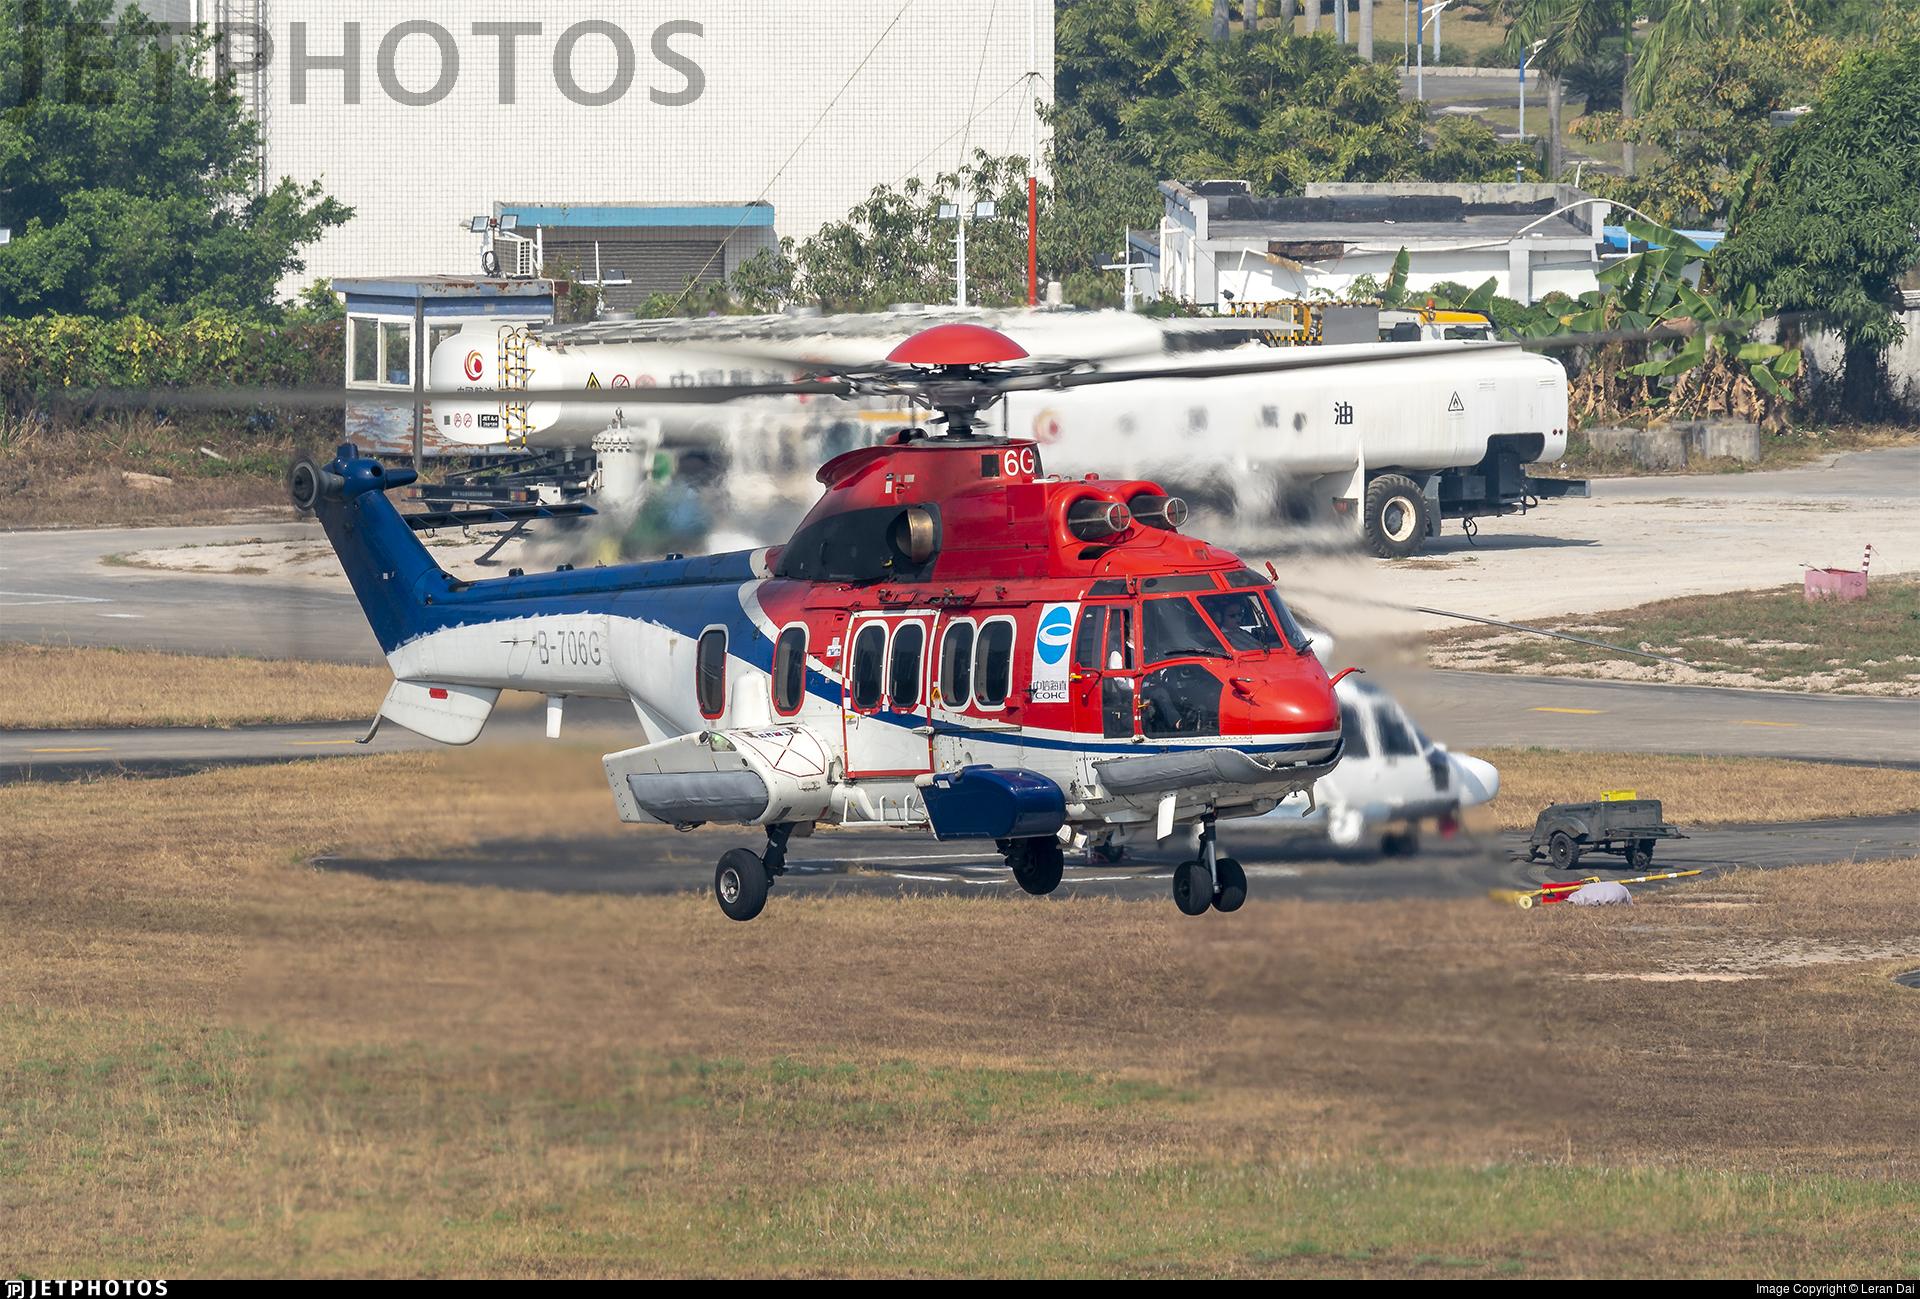 B-706G - Eurocopter EC 225LP Super Puma II+ - COHC